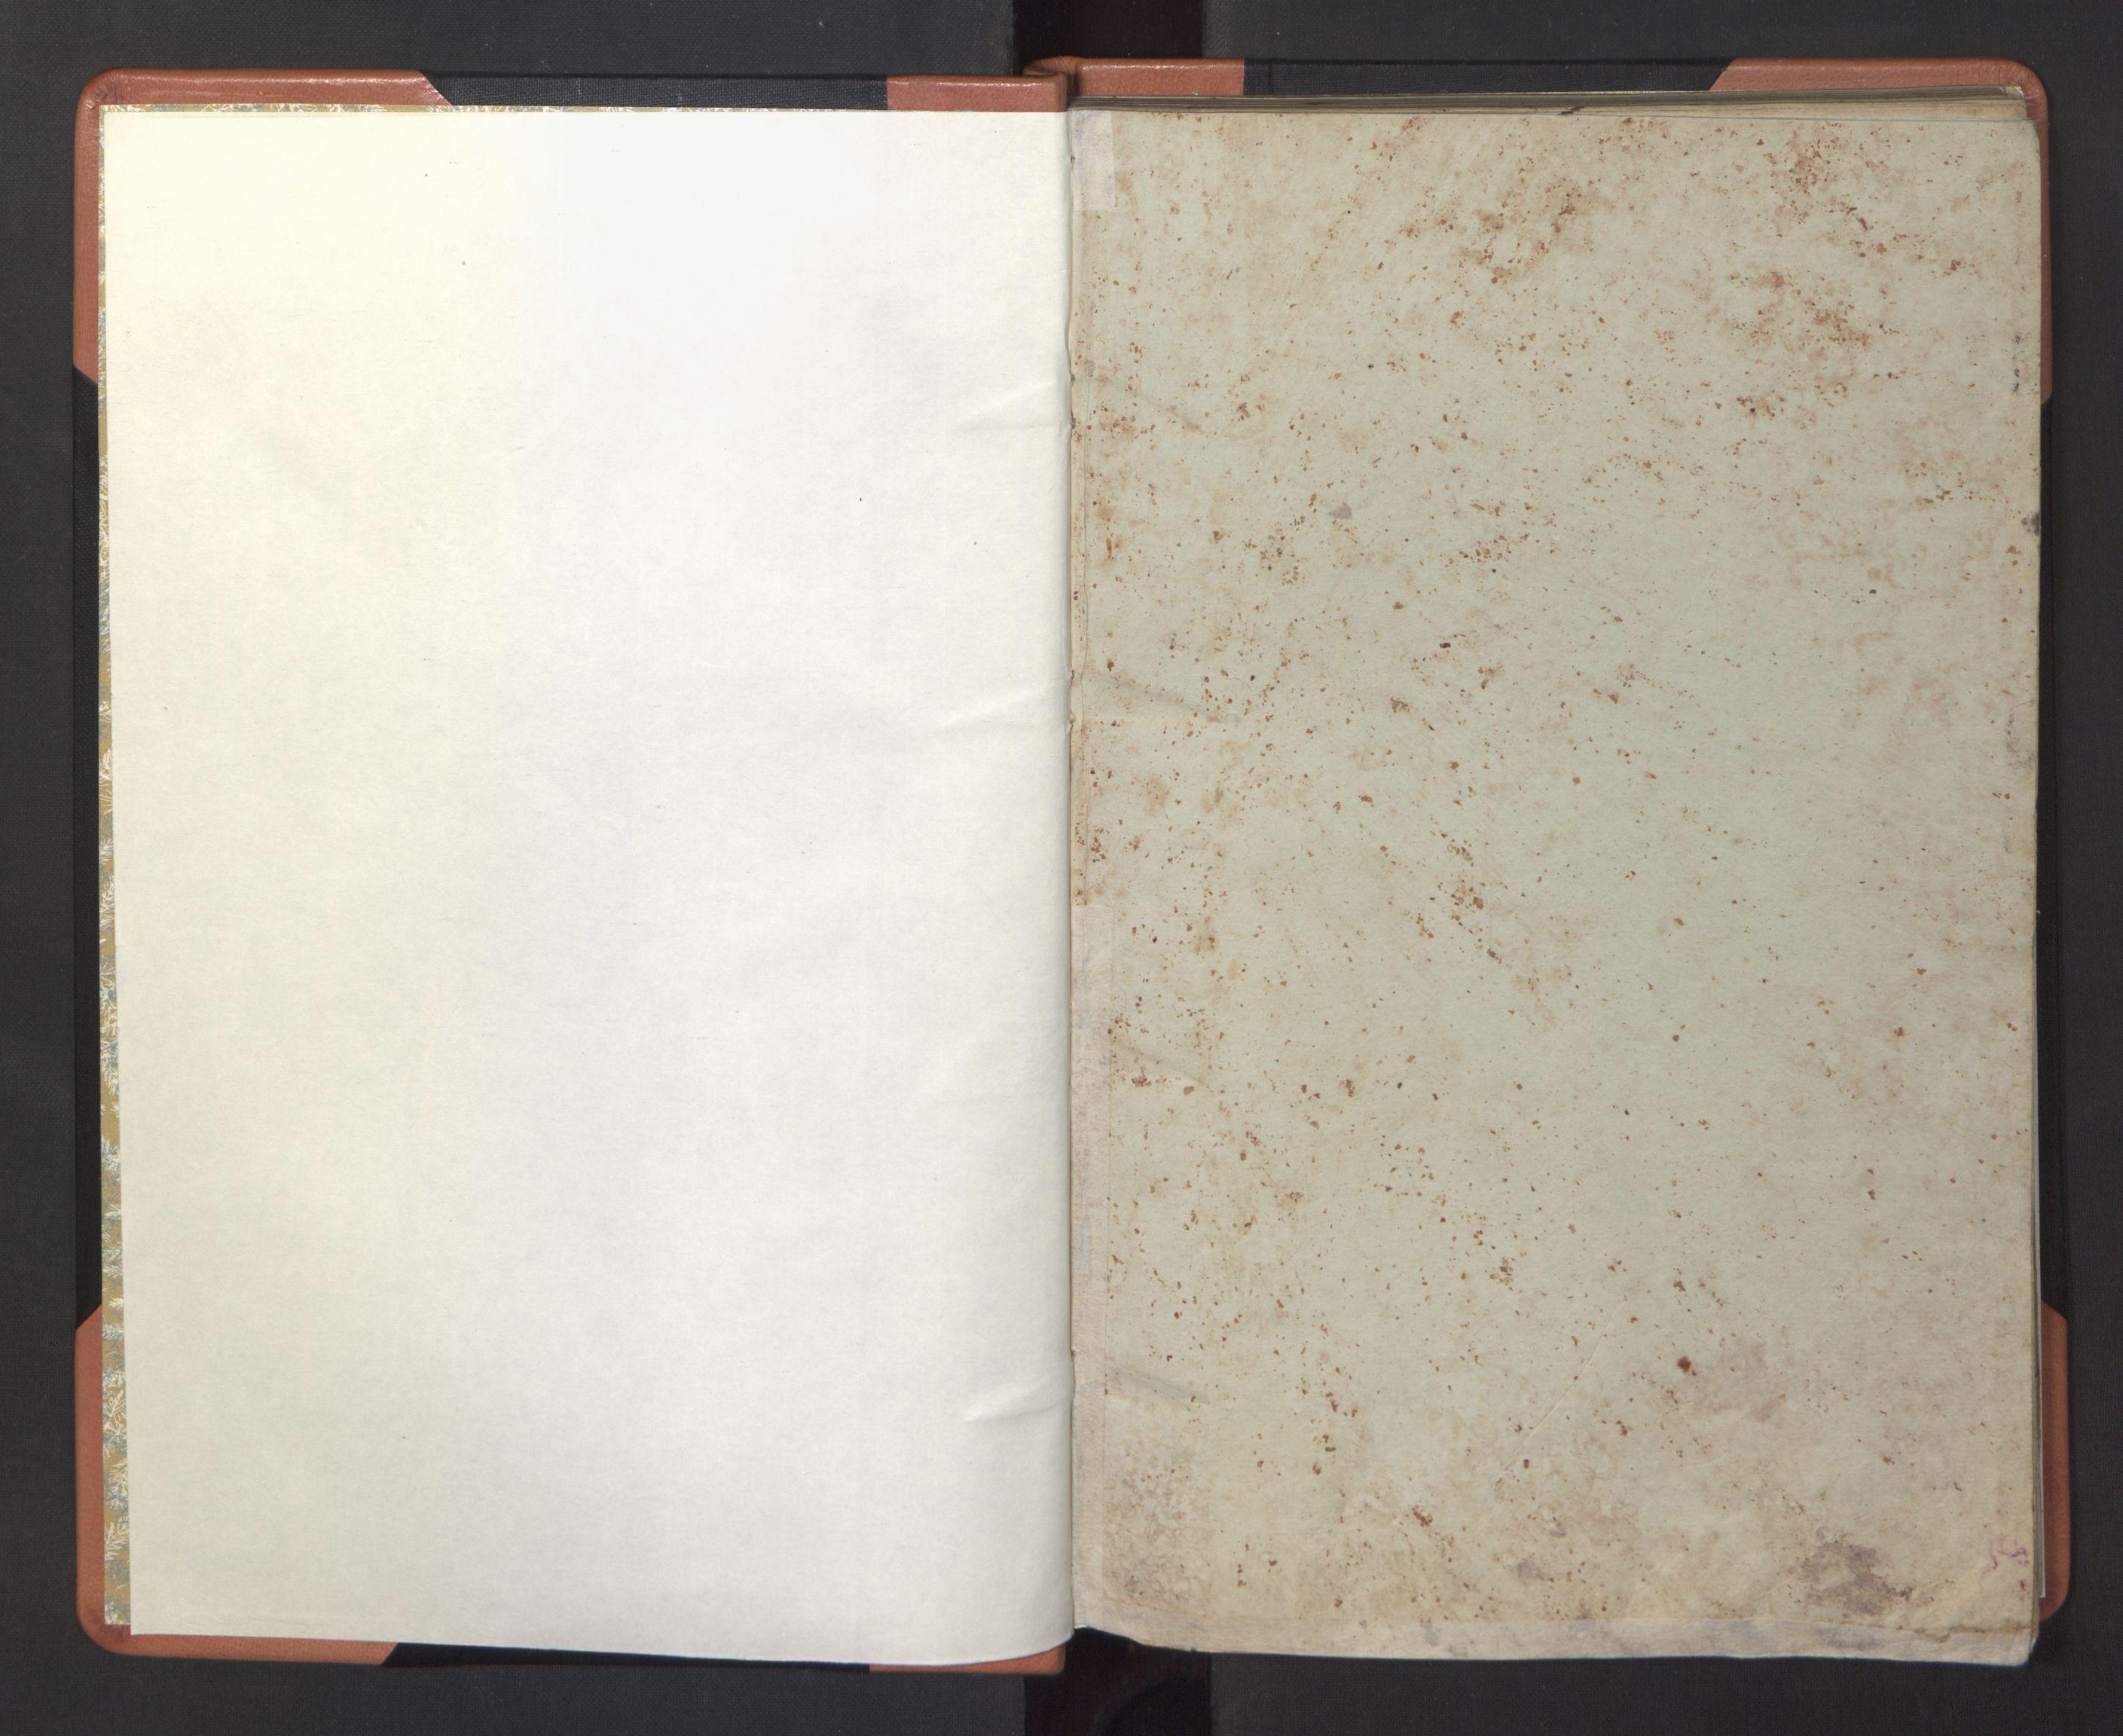 SAT, Ministerialprotokoller, klokkerbøker og fødselsregistre - Sør-Trøndelag, 601/L0065: Dagregister nr. 601A32, 1835-1837